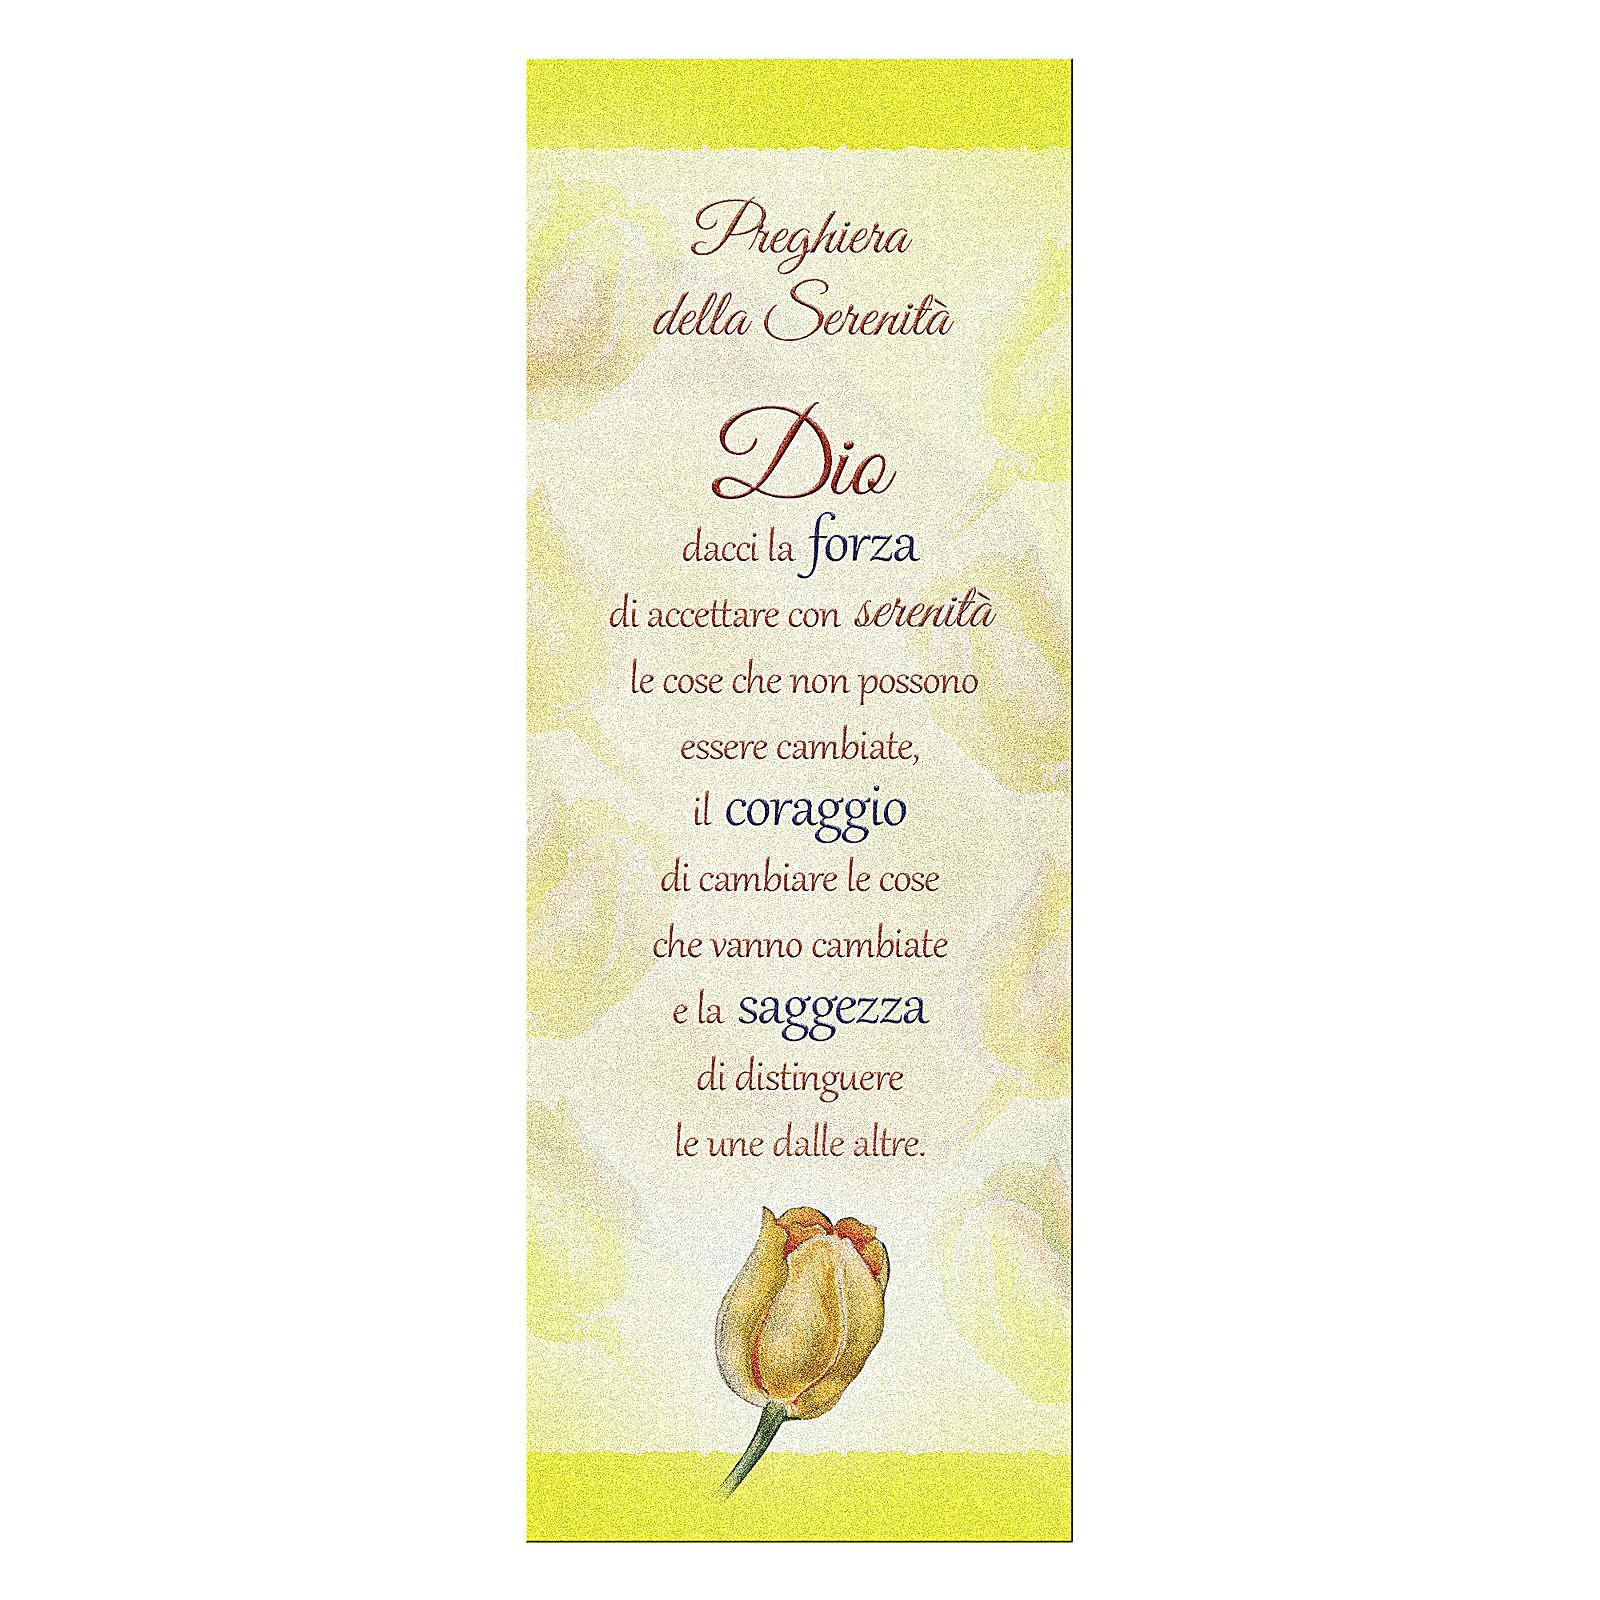 Zakładka karton perłowy 15X5 cm Tulipan Modlitwa o pogodę ducha IT 4